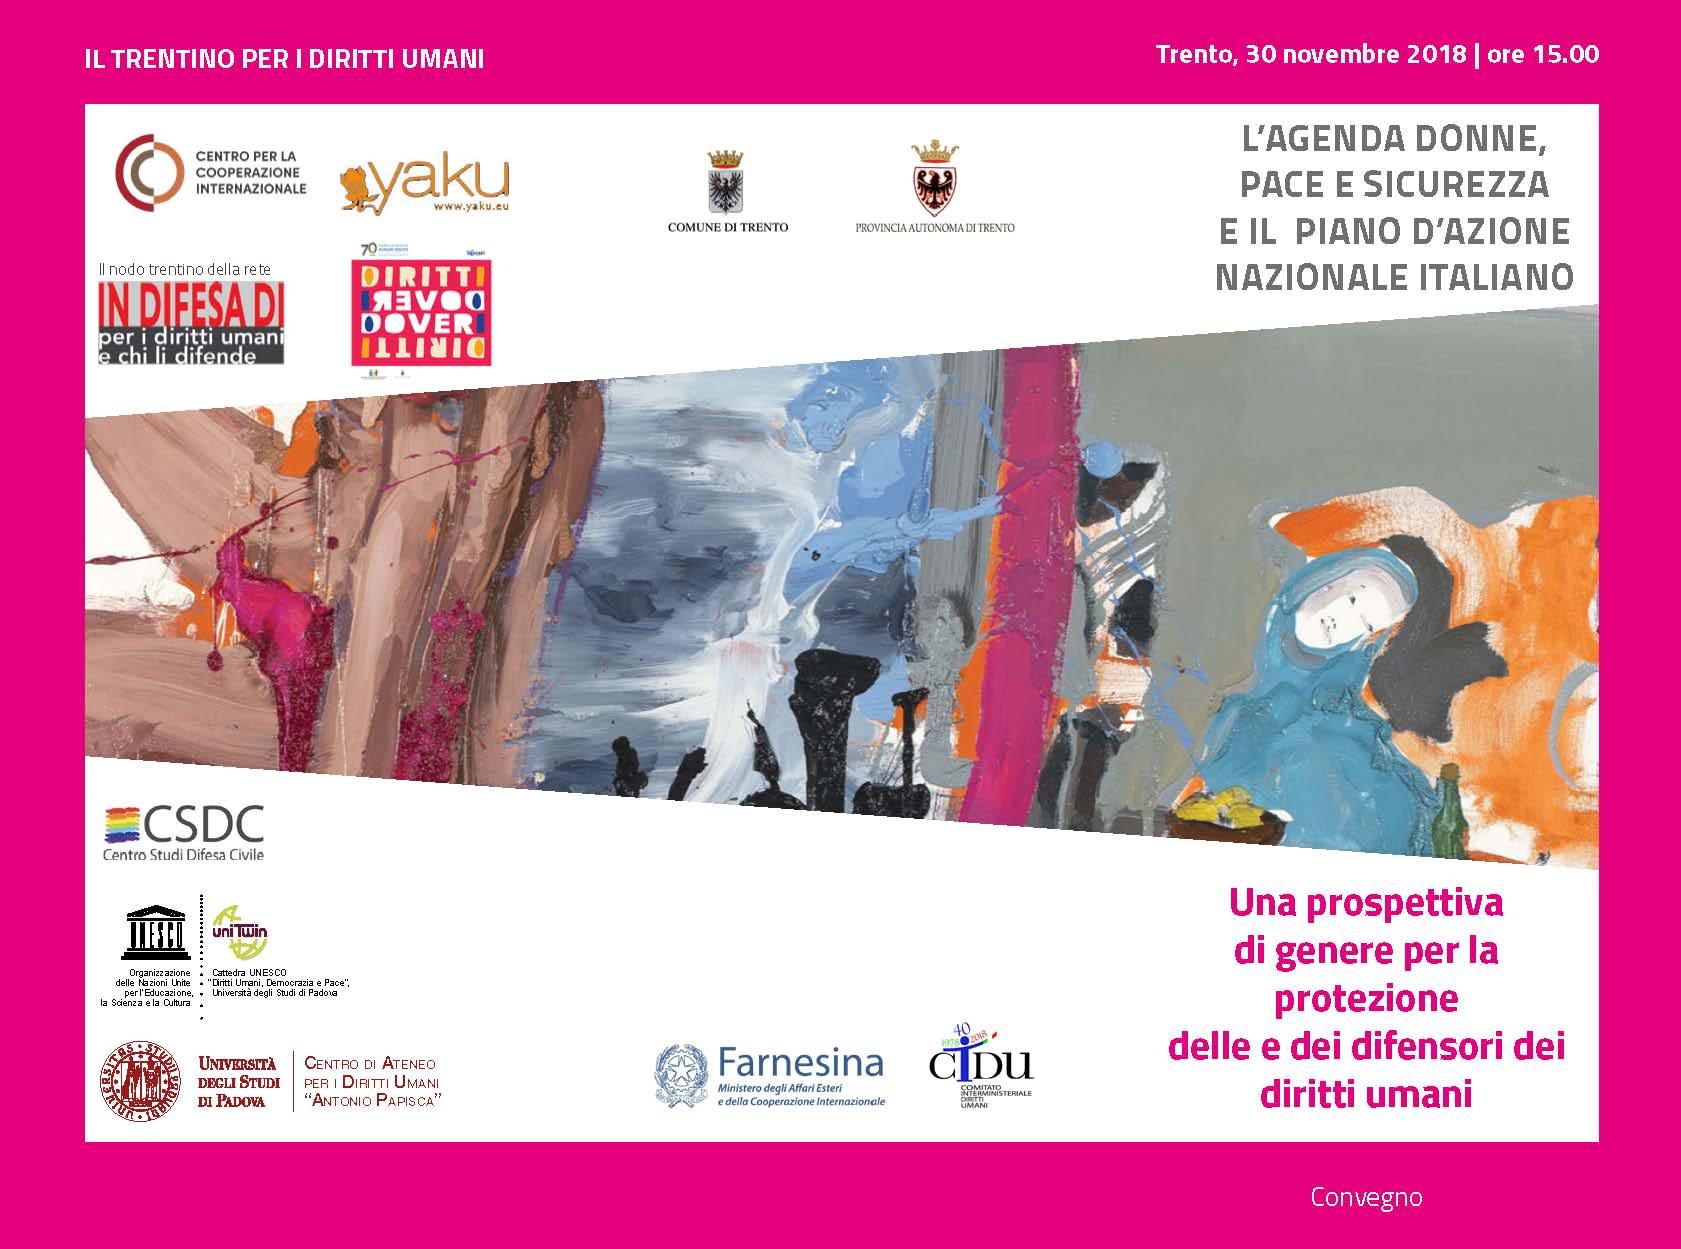 L'Agenda Donne, Pace e Sicurezza e il Piano d'azione nazionale italiano: Una prospettiva di genere per la protezione delle e dei difensori dei diritti umani